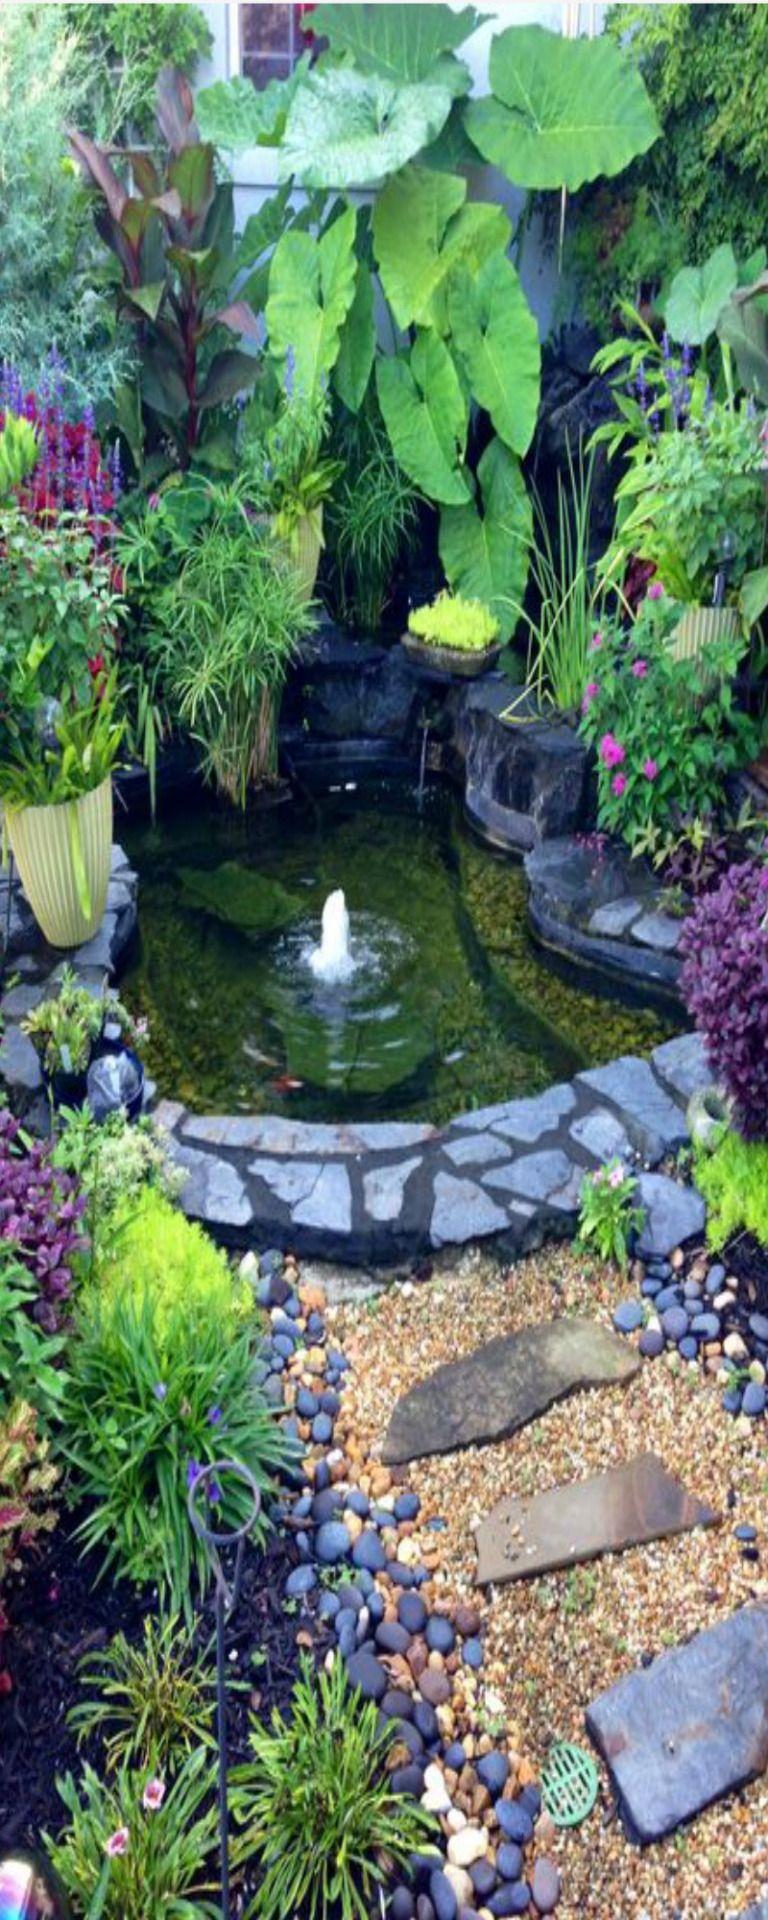 Pin by patricia ritterson on water garden ponds garten garten deko garten ideen - Wasserteich im garten ...